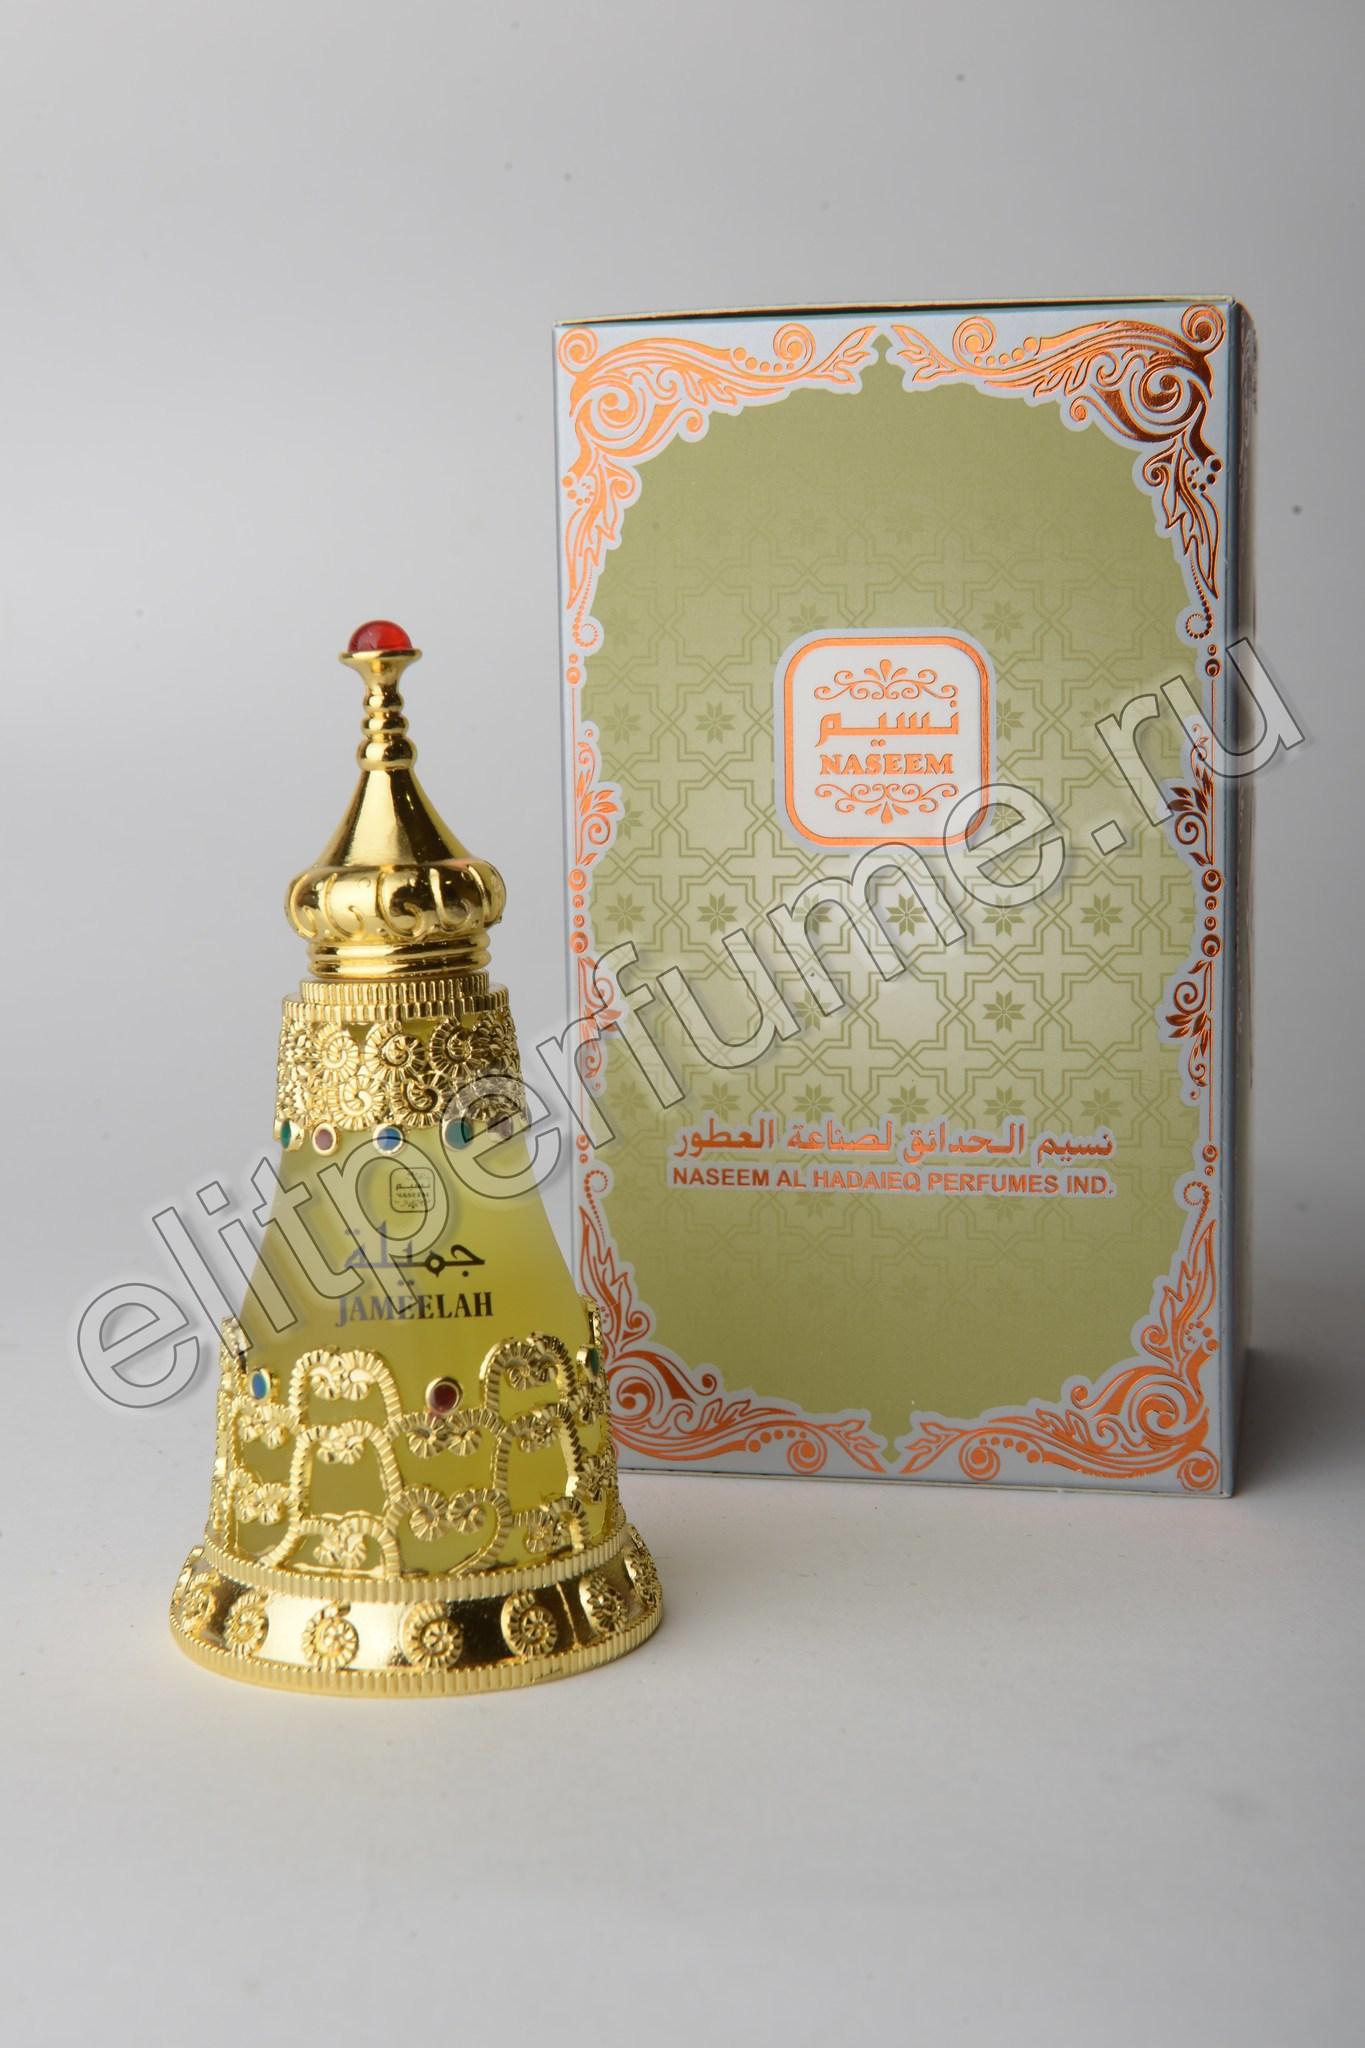 Пробник для Jameelah Джамиля 1 мл арабские масляные духи от Насим Naseem Perfumes